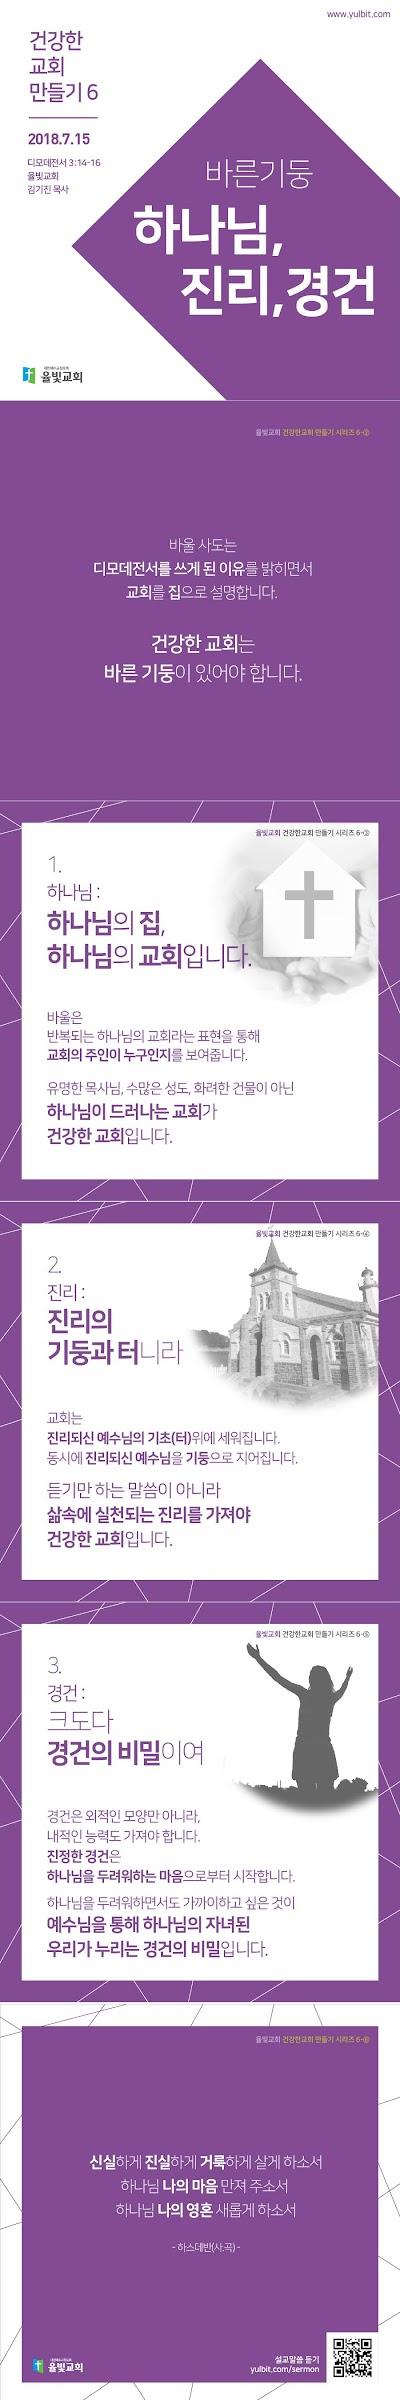 20180716-바른기둥 하나님진리경건_0.jpg